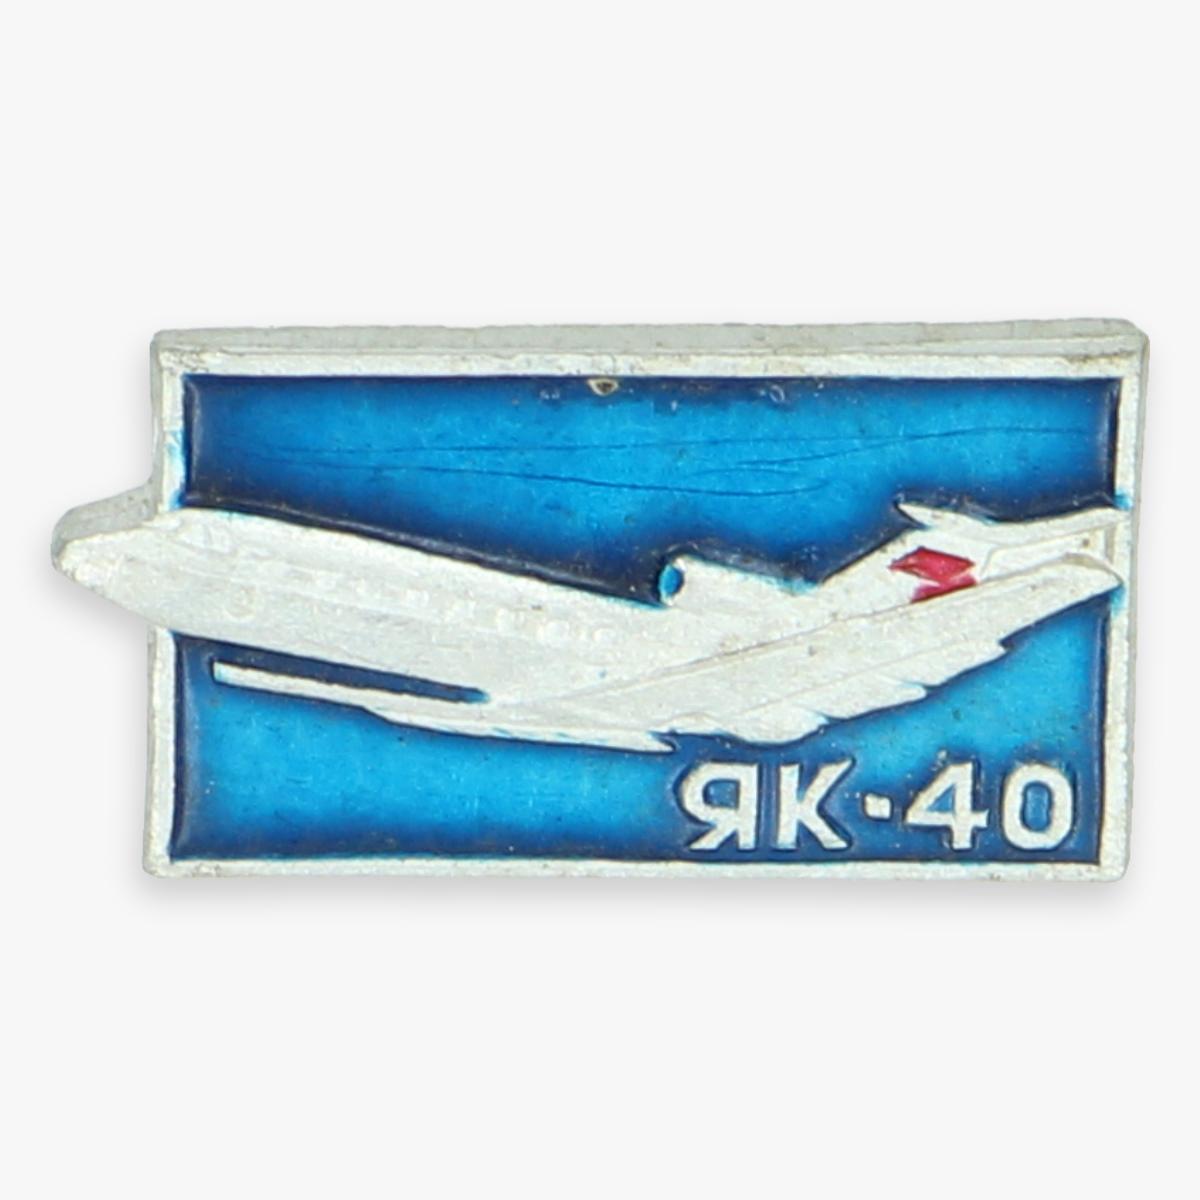 Afbeeldingen van  pin luchtvaart